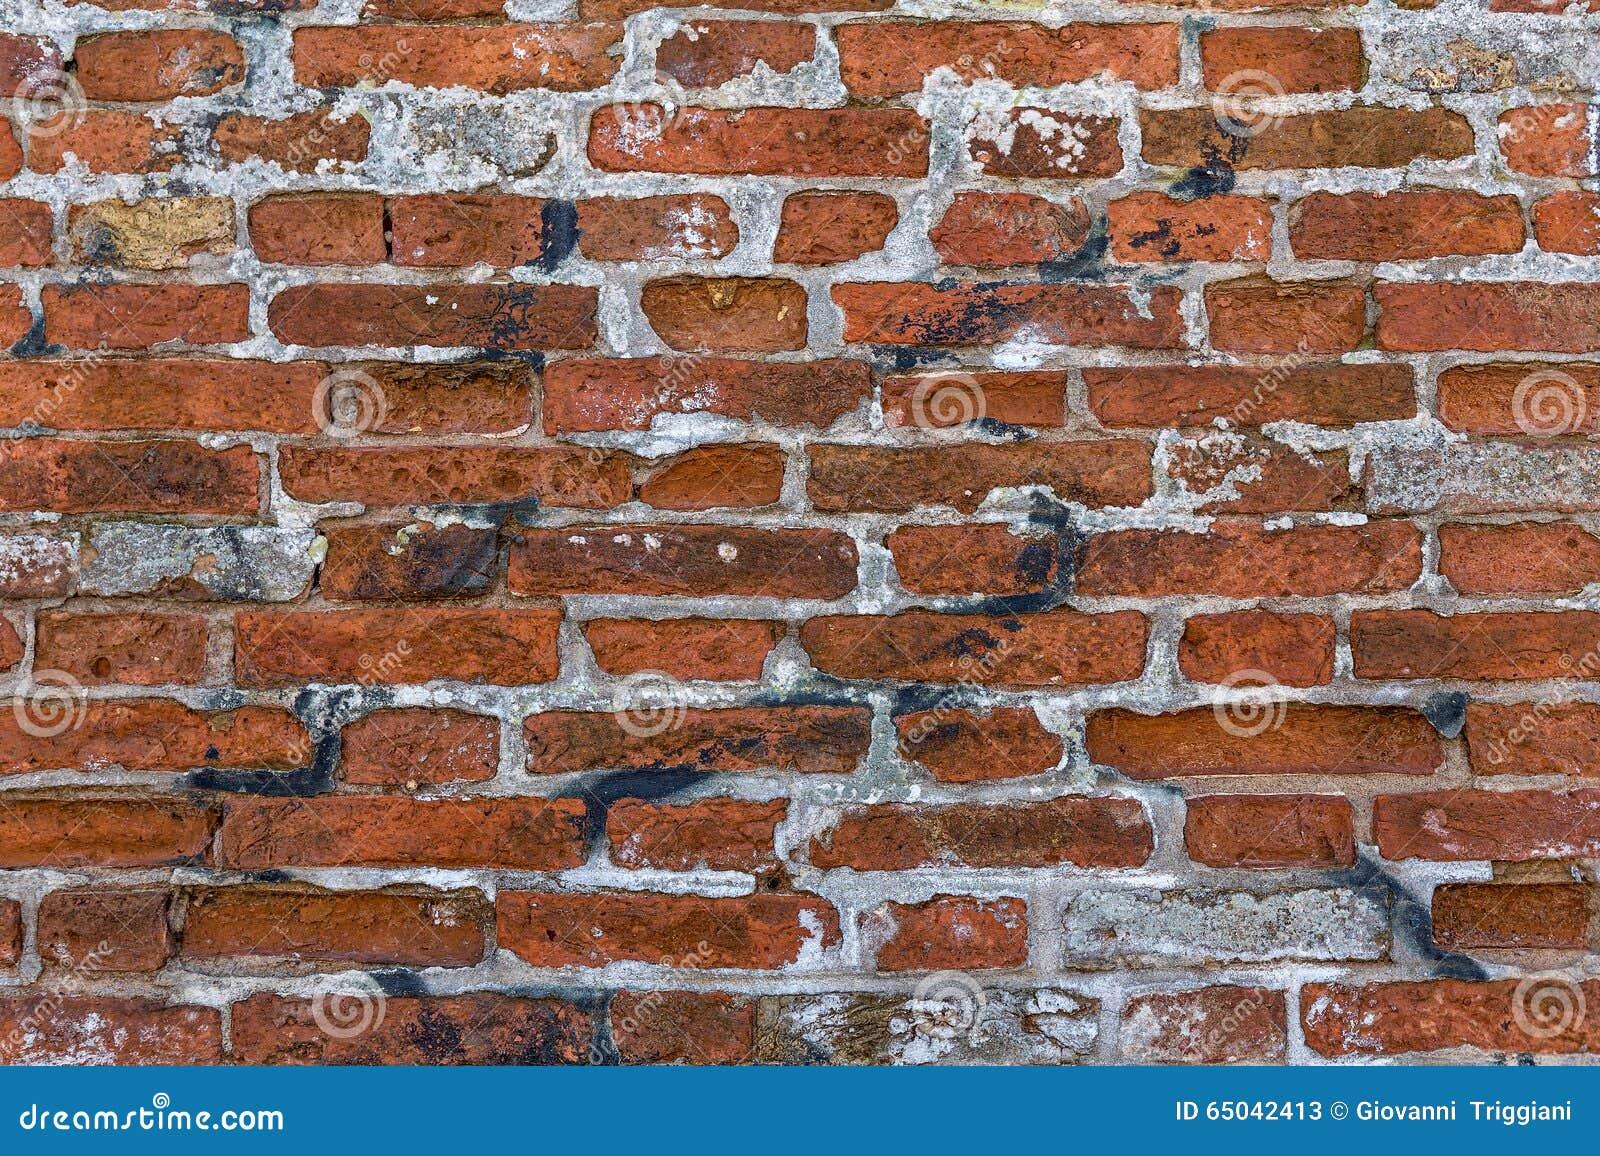 Mur de briques rouge sale murales photo stock image 65042413 - Fausses briques murales ...